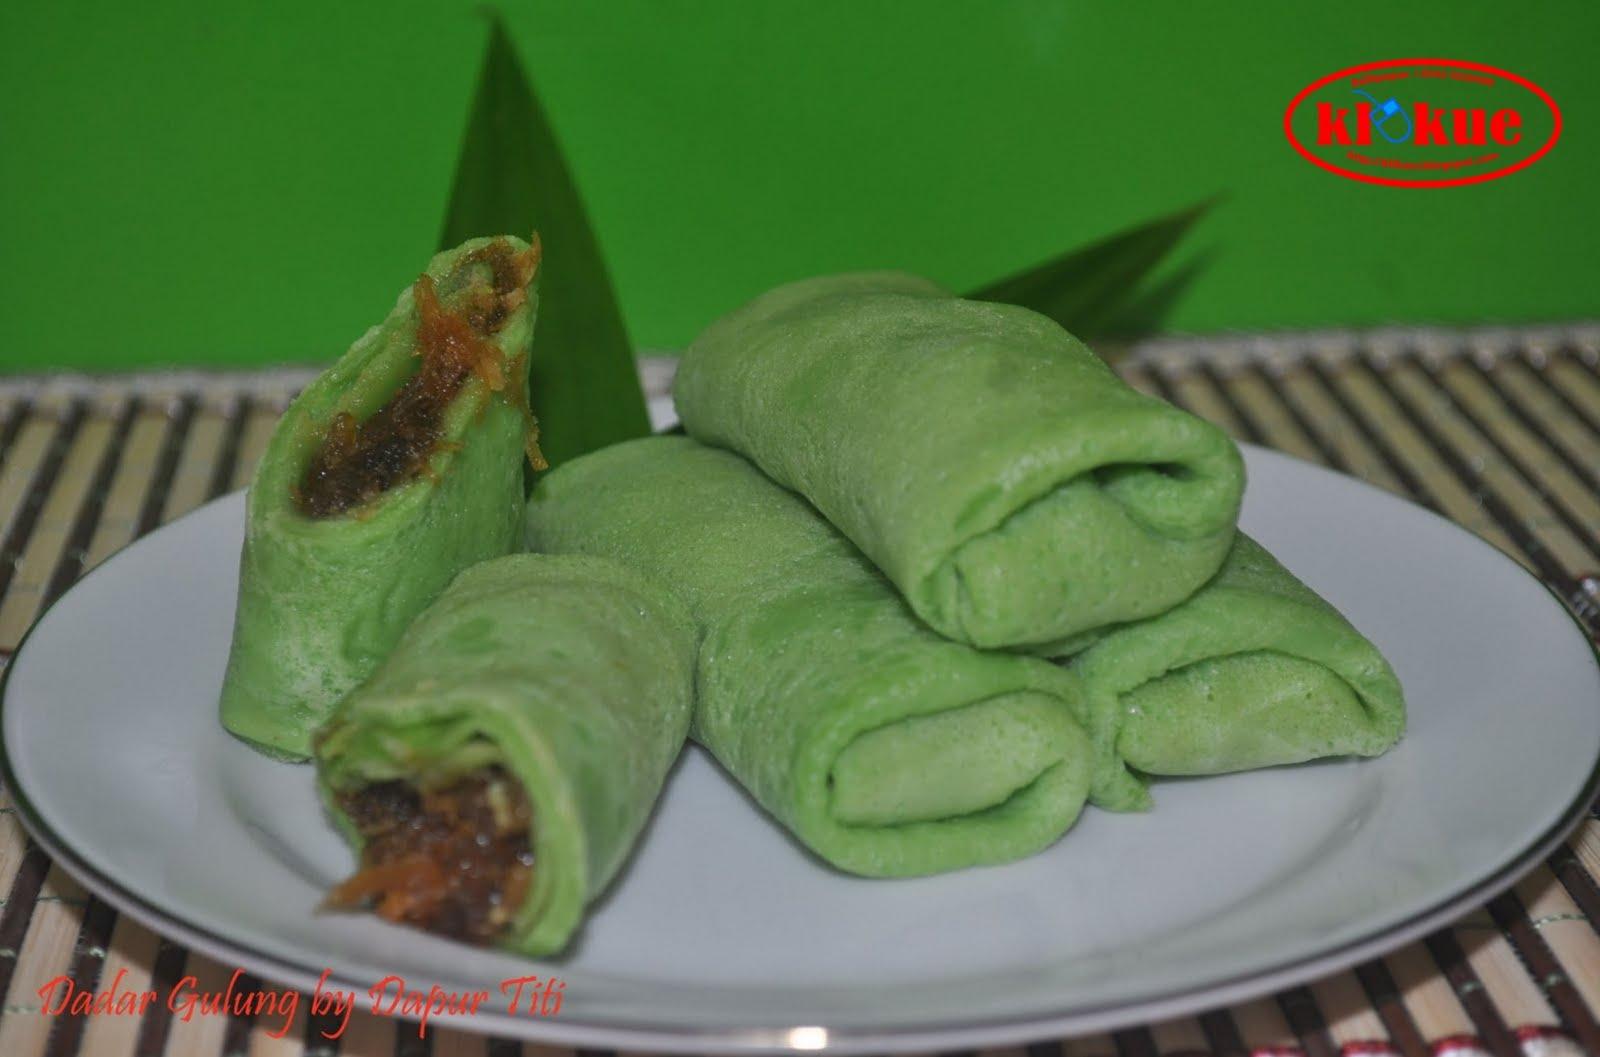 Klikue Balikpapan Cakes And Puddings Online Shop Dadar Gulung